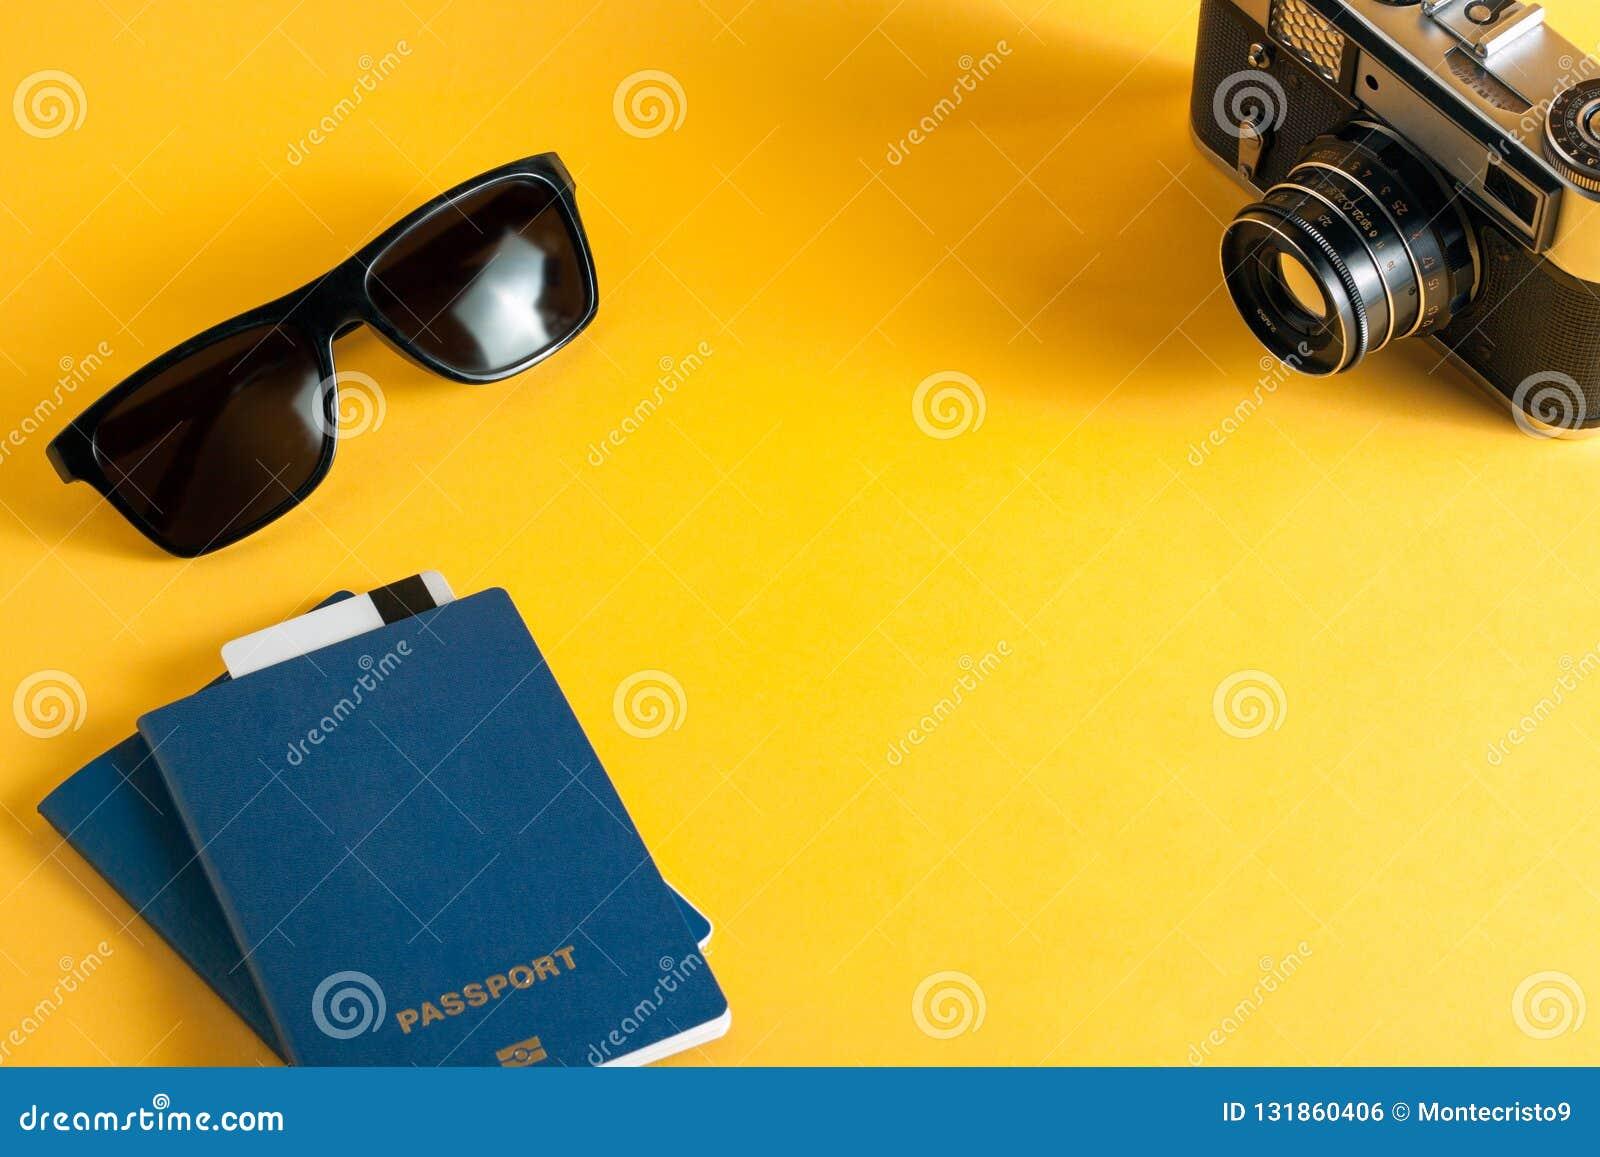 Η έννοια του ελεύθερου χρόνου και του τουρισμού βιομετρικές διαβατήριο, γυαλιά ηλίου και προμήθειες για τους ταξιδιώτες